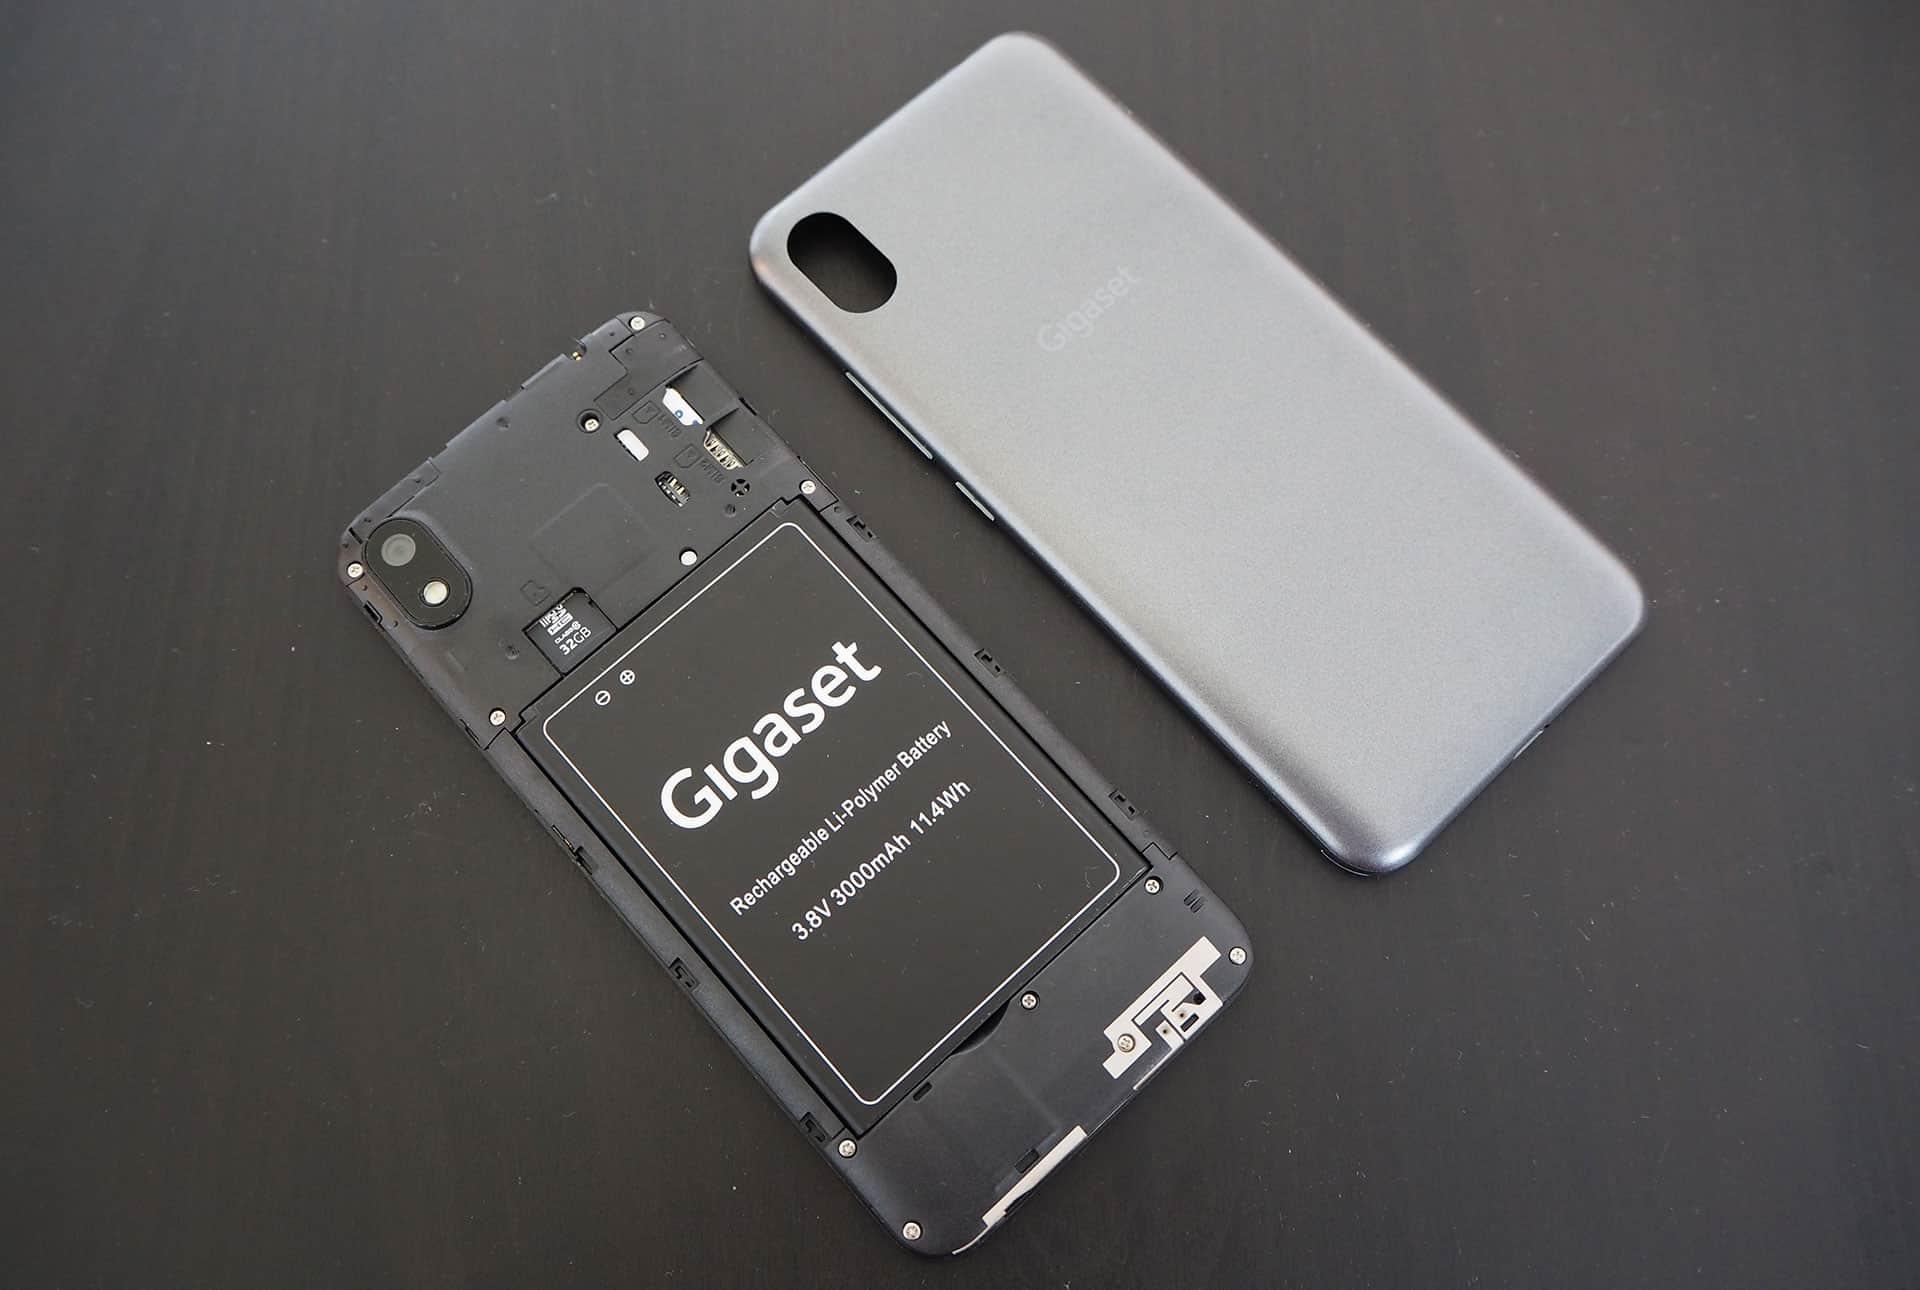 Die geöffnete Rückseite des Gigaset GS110 mit AKku und SIM-Karte